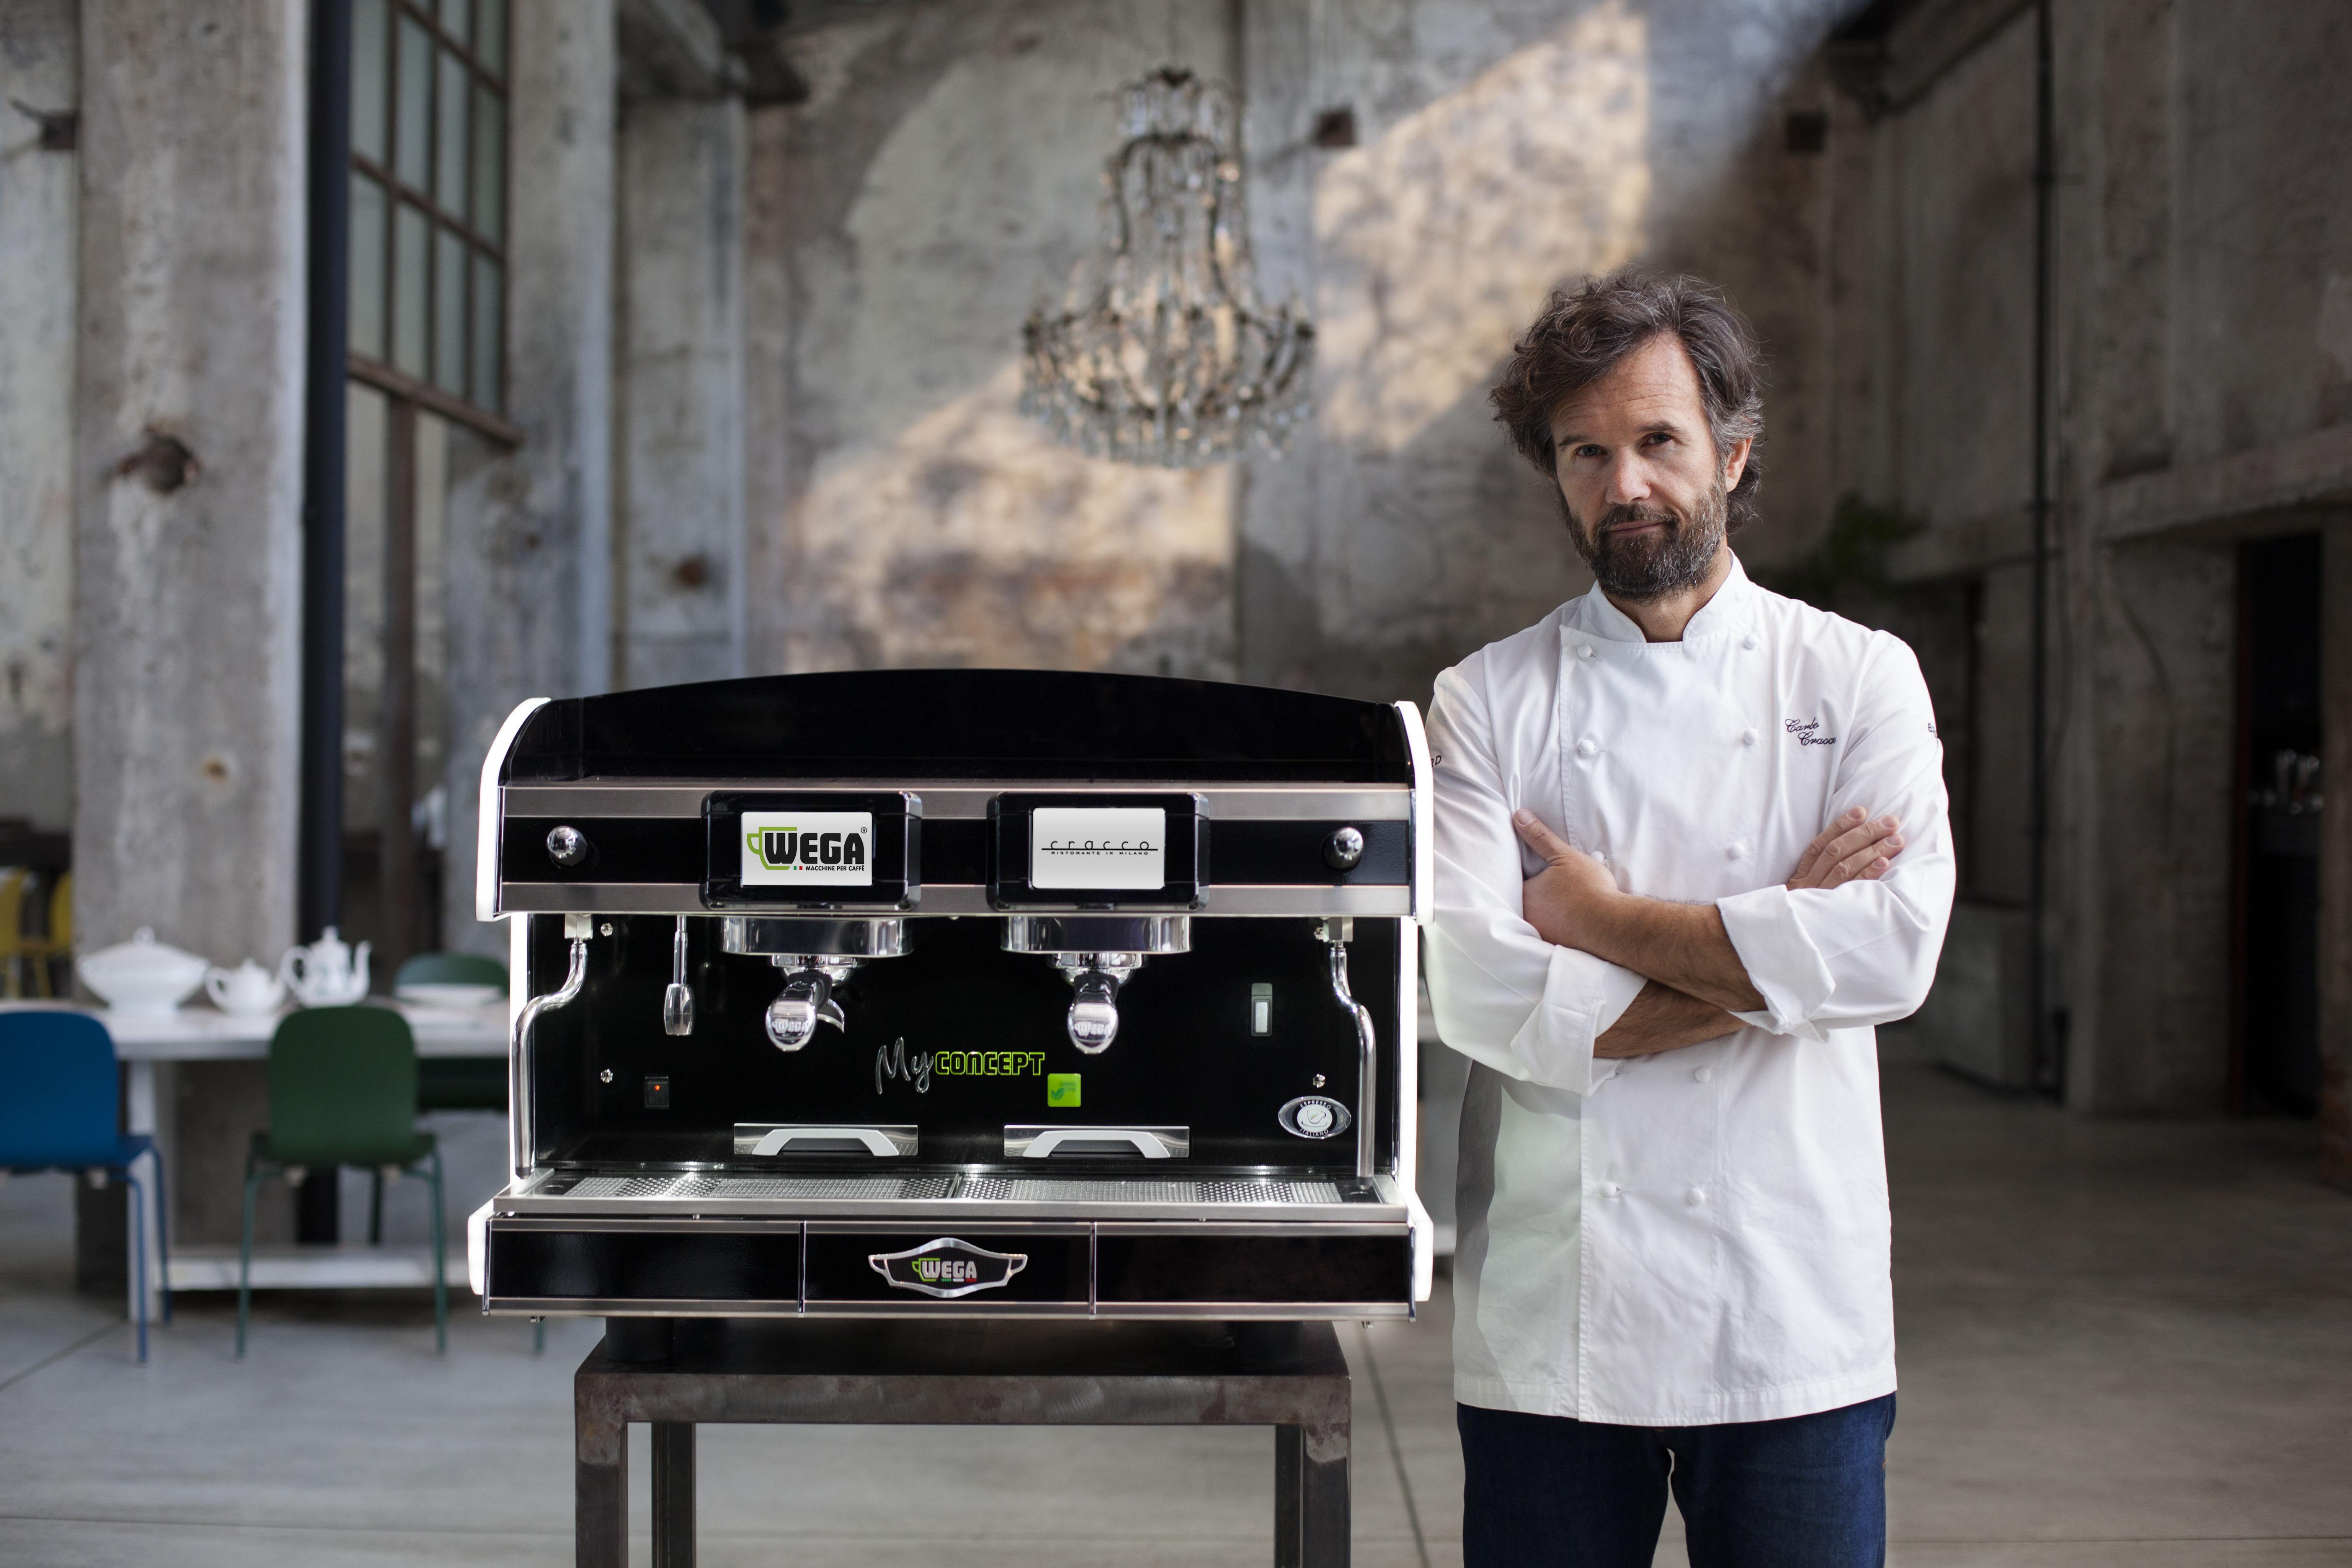 Top chef carlo cracco chooses wega coffee machines for Segheria carlo cracco